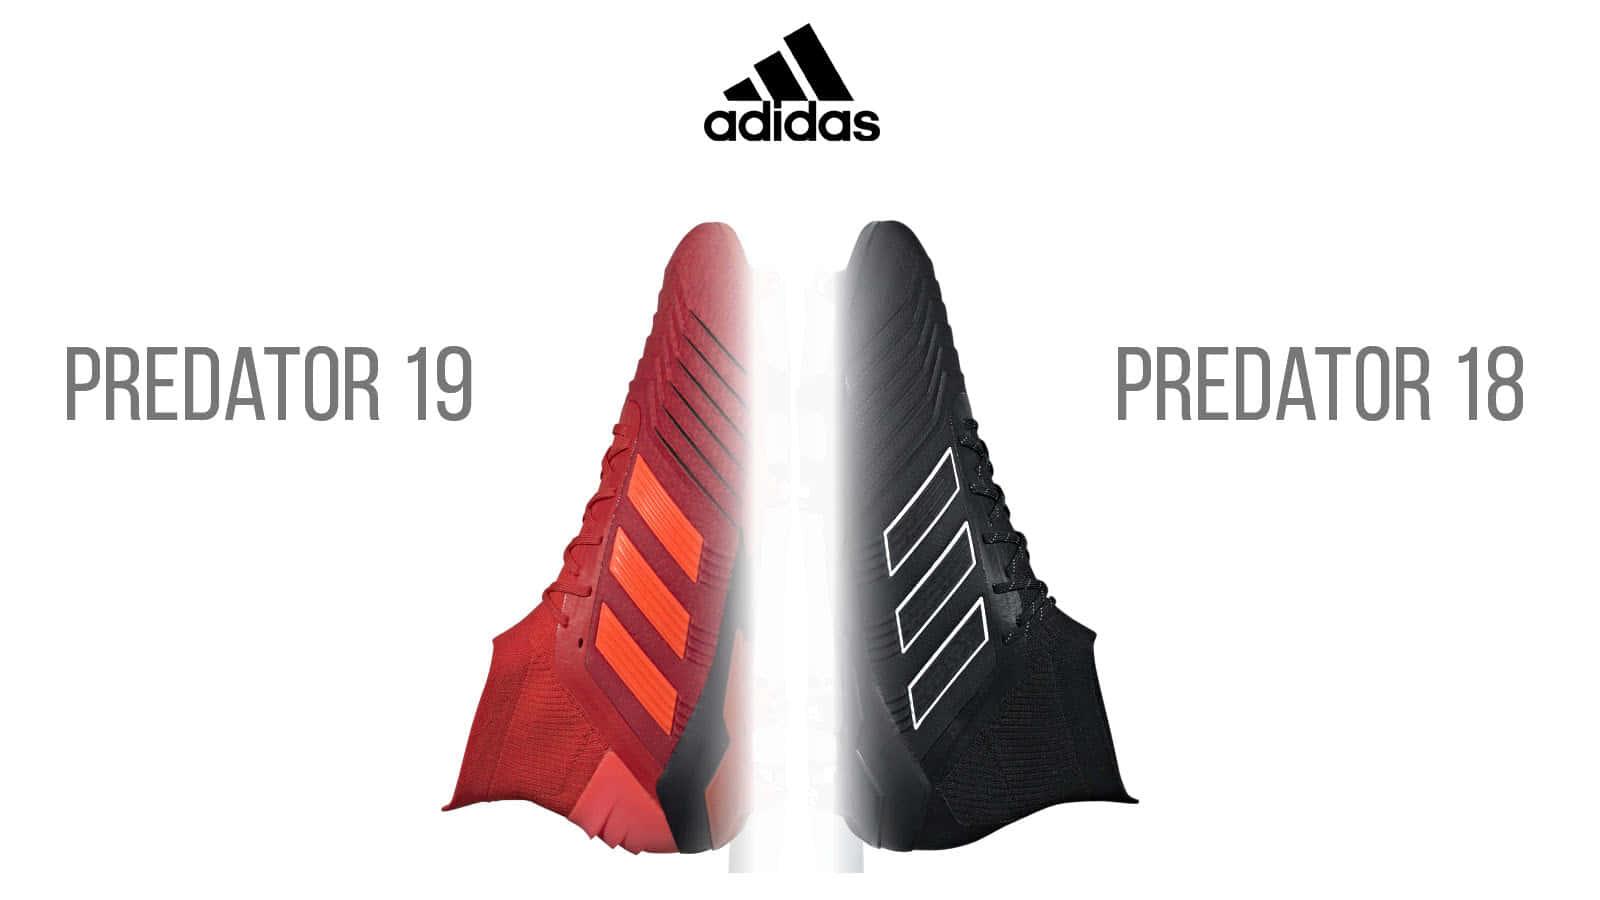 adidas Predator 19 und adidas Predator 18 Fussballschuhe